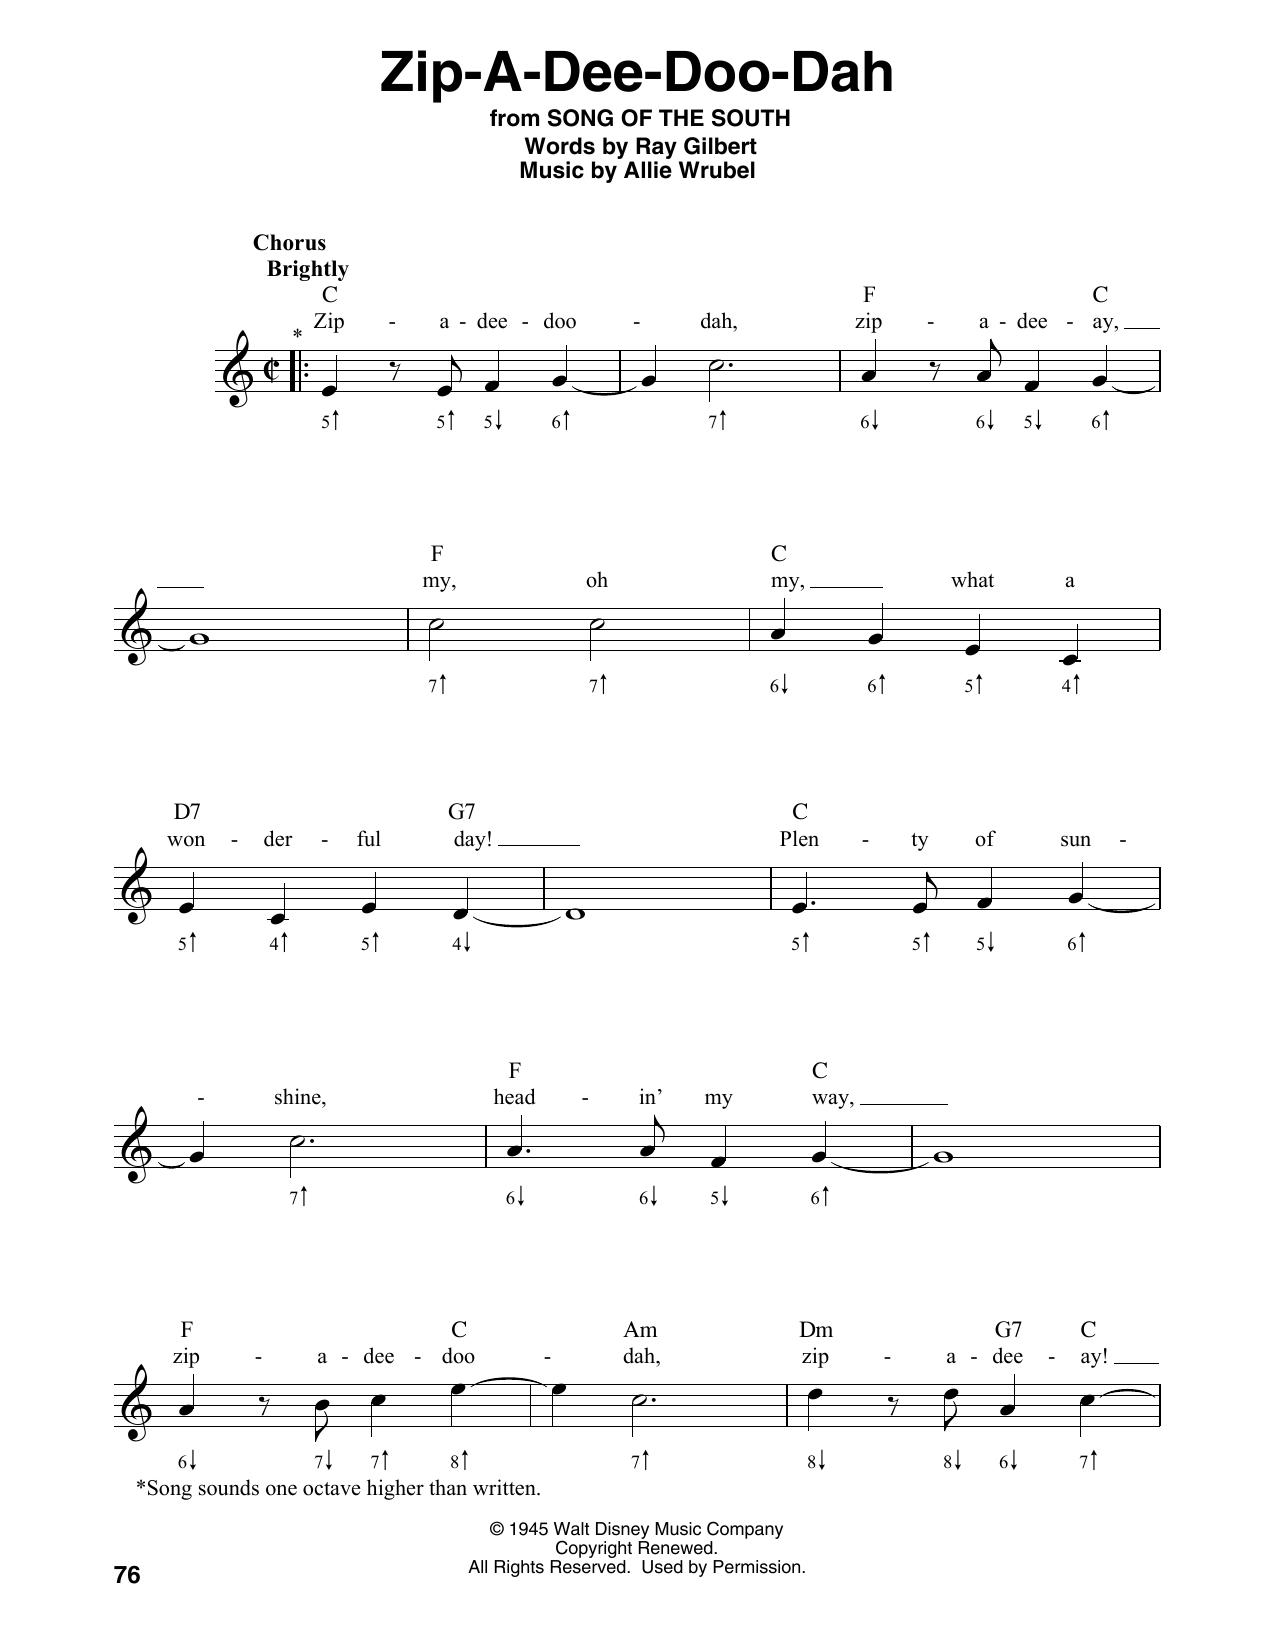 Zip-A-Dee-Doo-Dah (Harmonica)